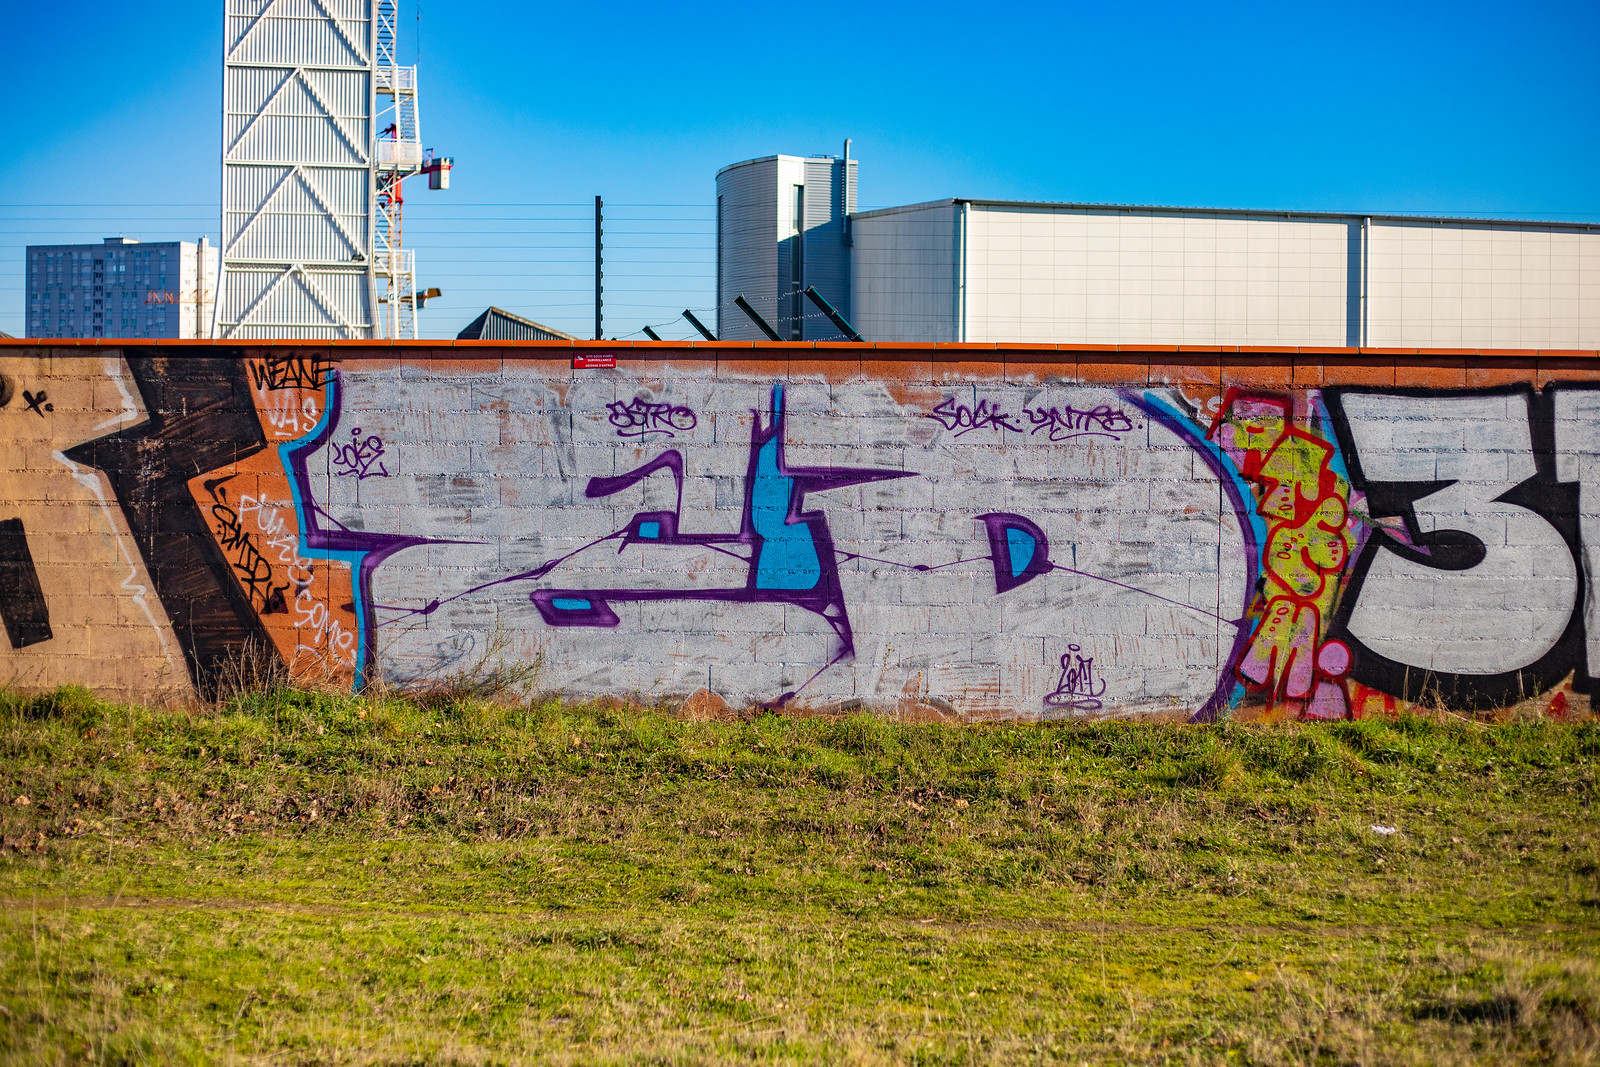 STREET-ART WALLPAINTING ART